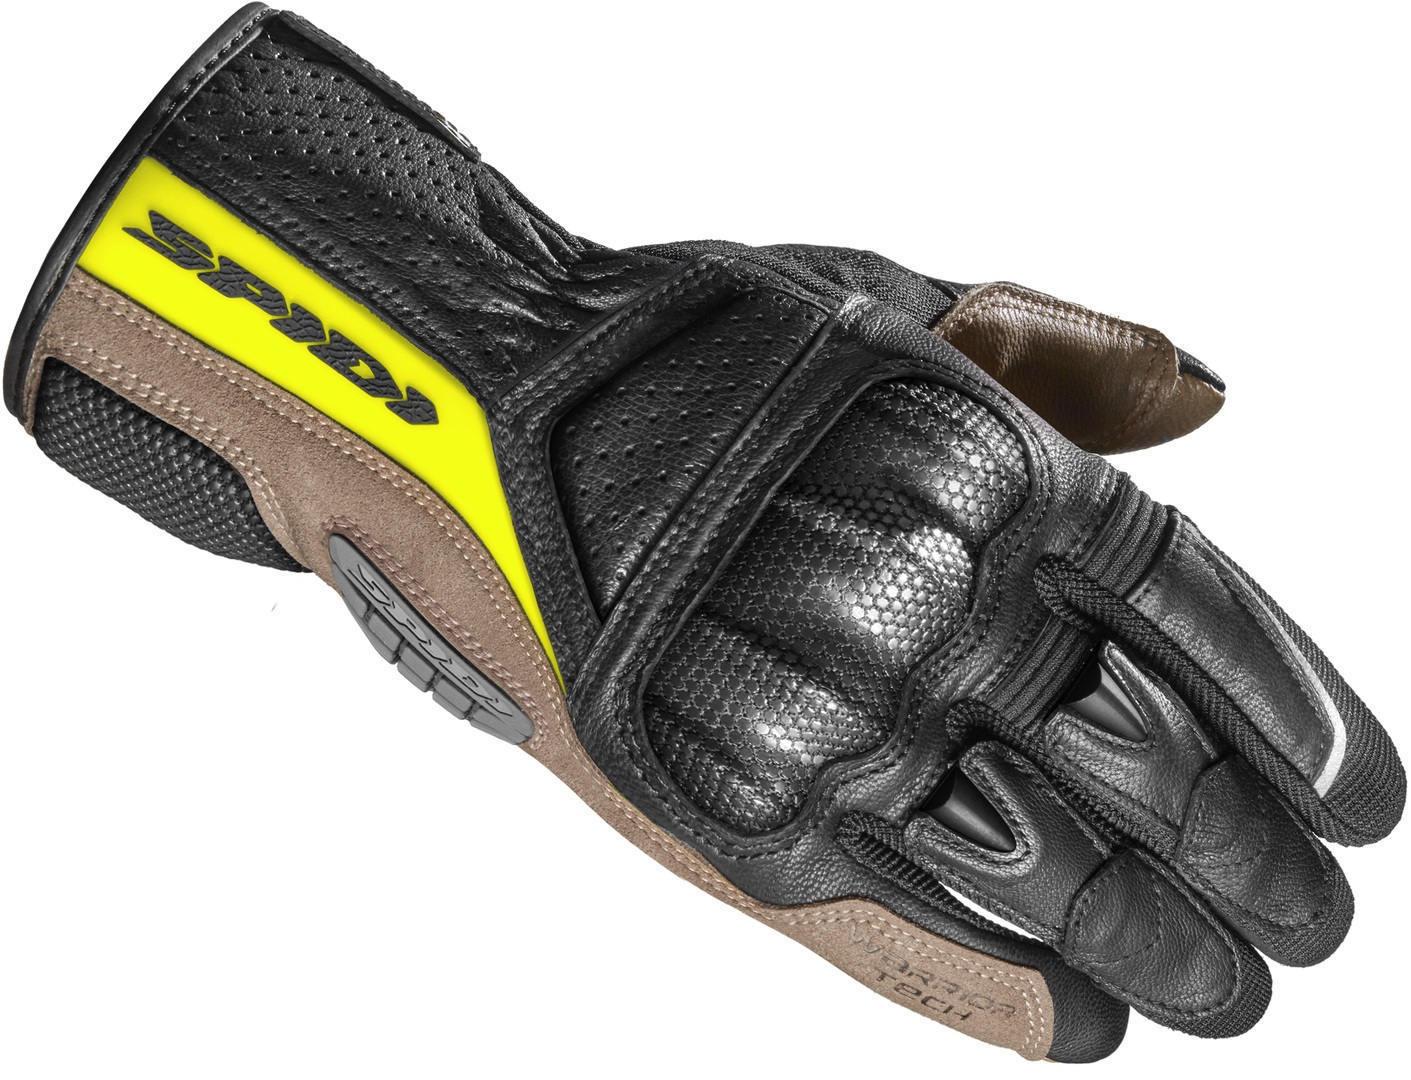 Spidi TX-Pro Gants de moto Noir Jaune taille : 3XL